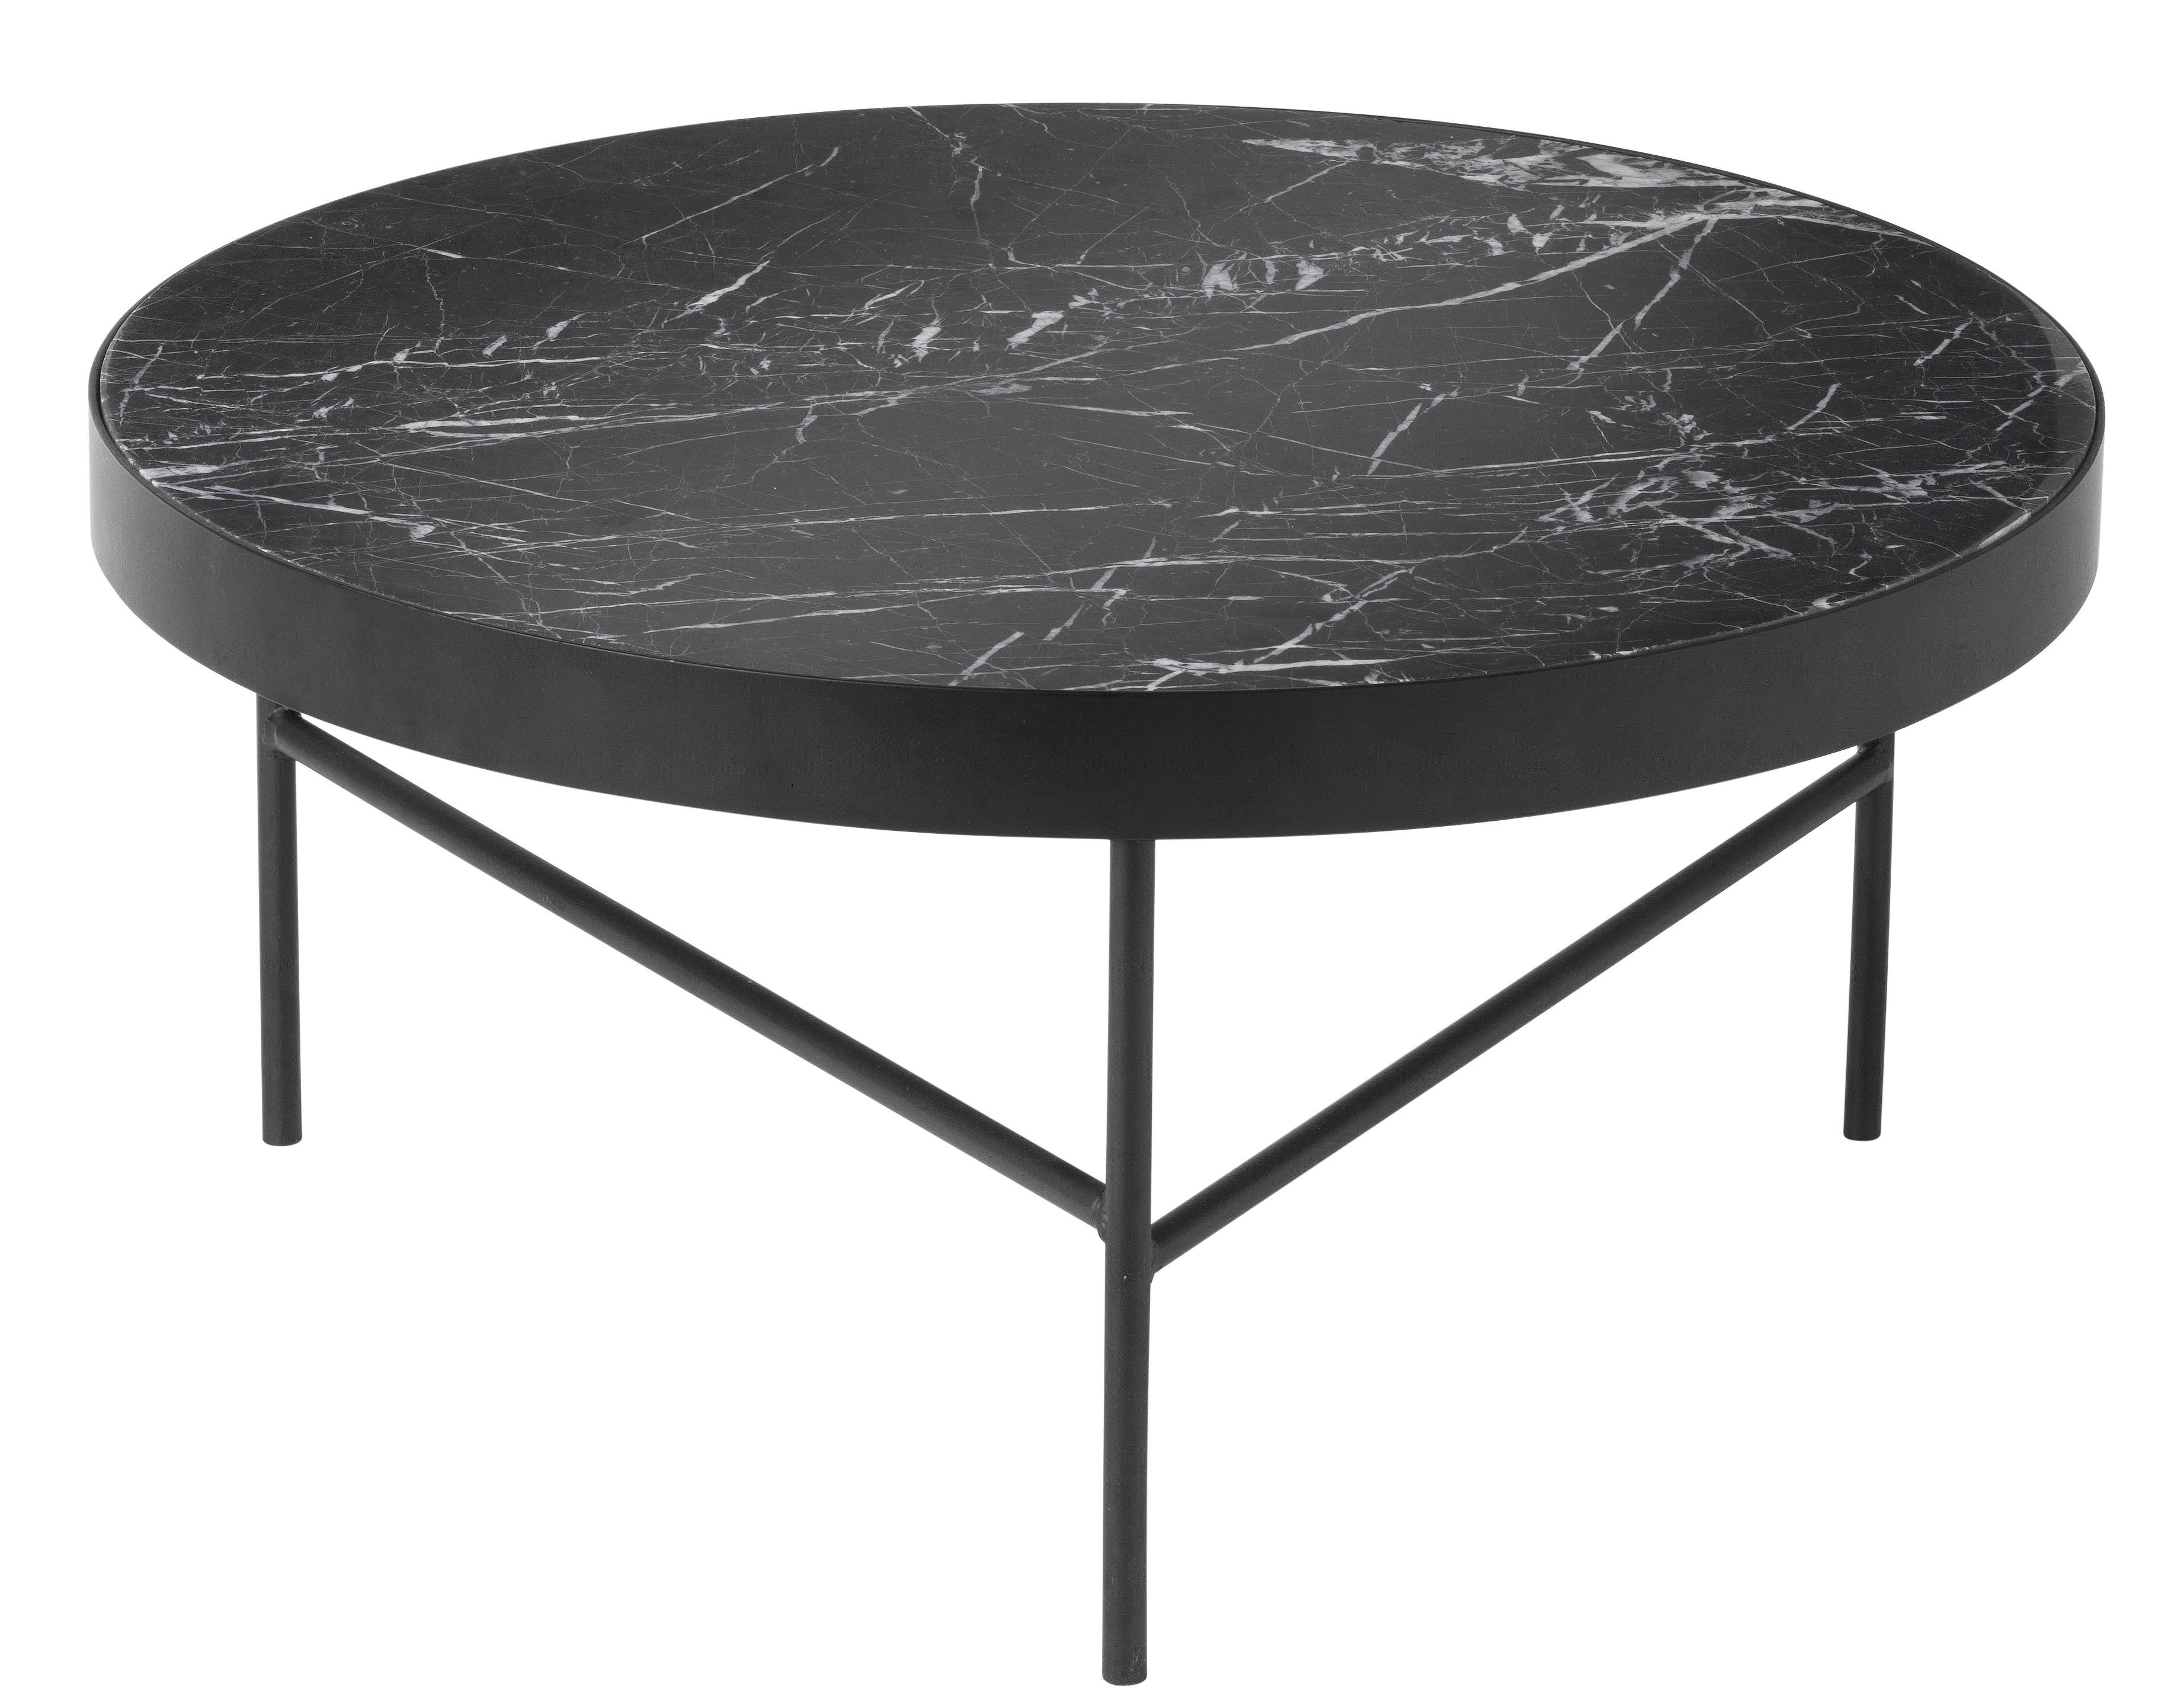 Möbel - Couchtische - Marble Large Couchtisch / Ø 70,5 x H 35 cm - Ferm Living - Tischplatte schwarz / Tischbeine schwarz - bemaltes Metall, Marmor